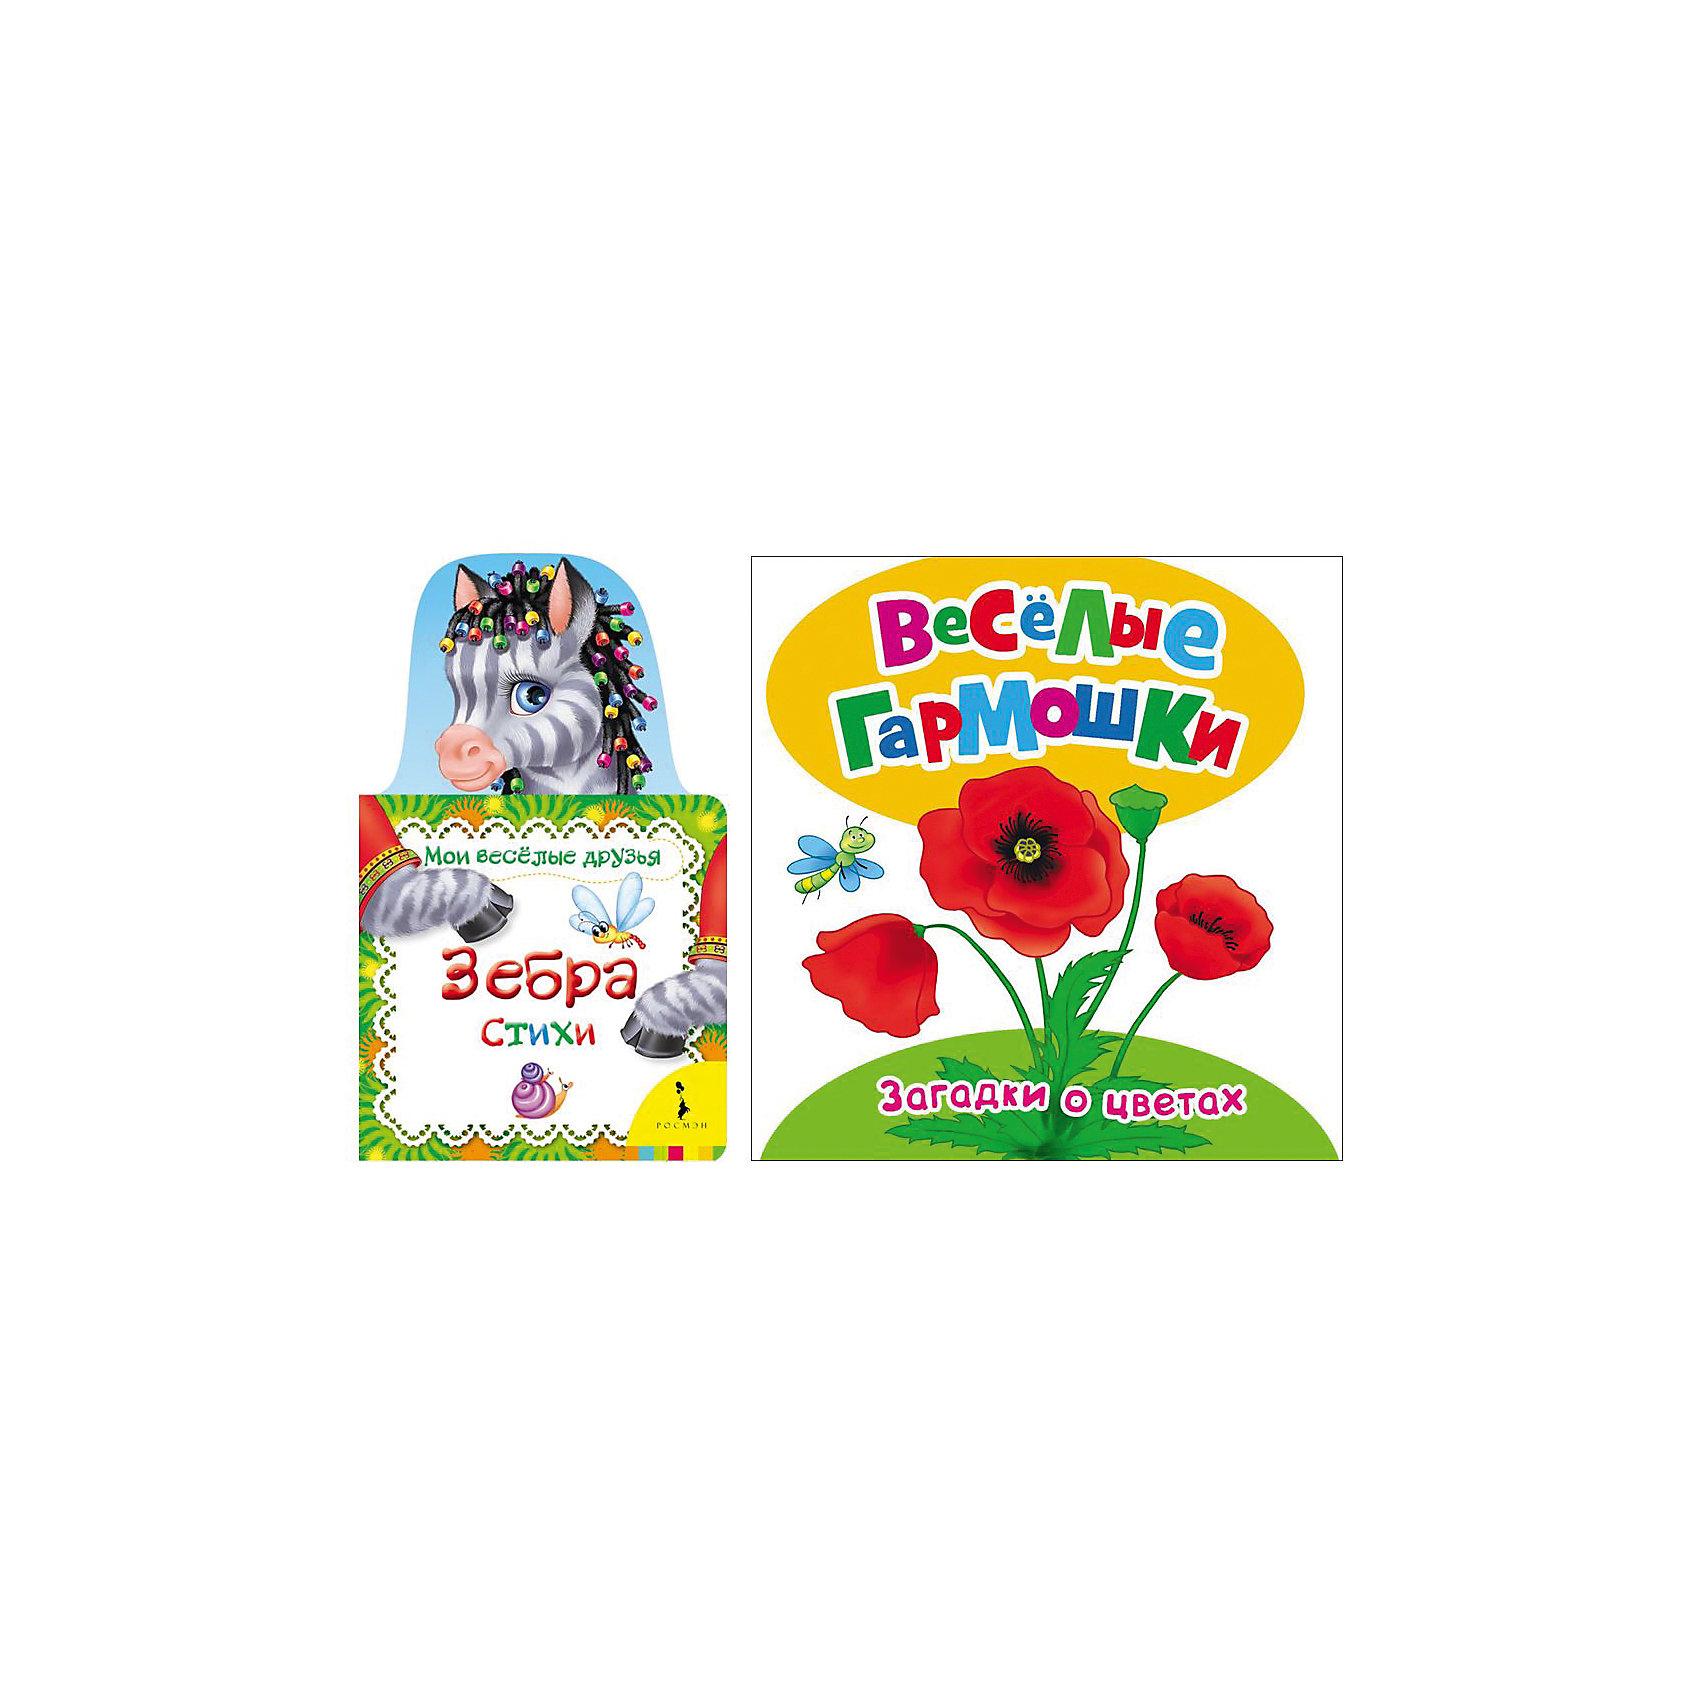 Росмэн Комплект для девочек (книжки-игрушки) росмэн книжка раскладушка колыбельные веселые гармошки